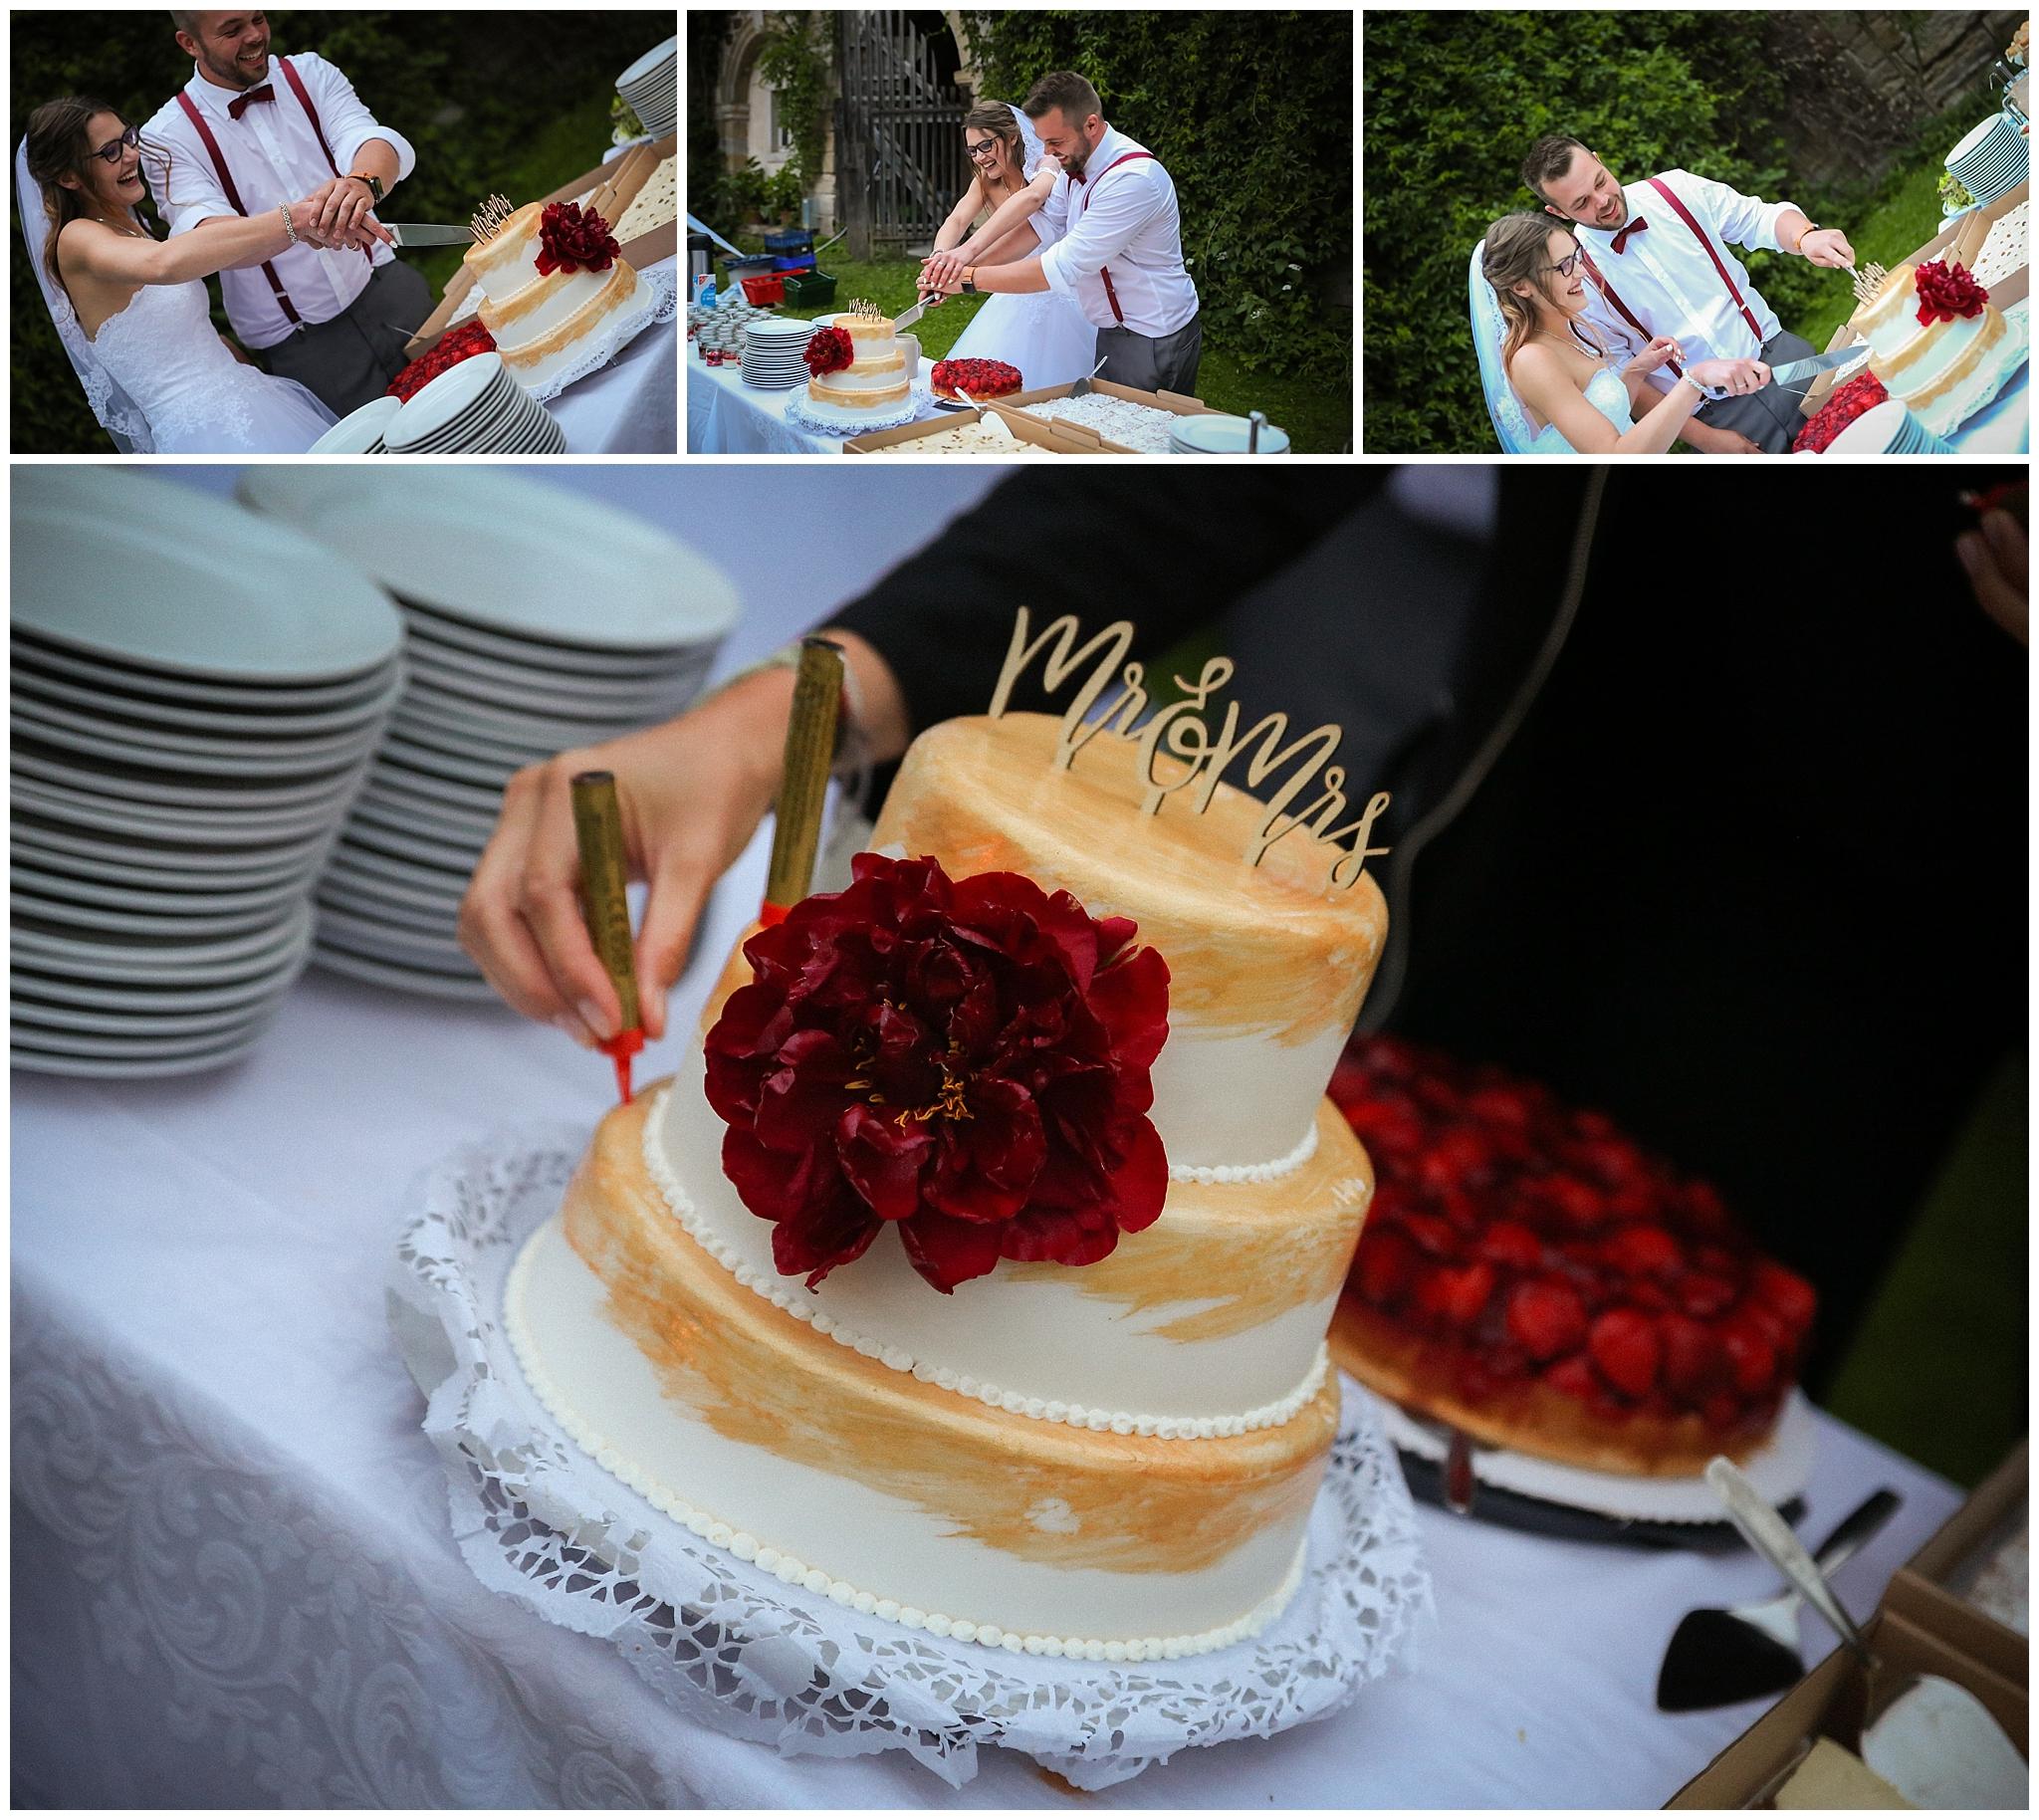 Hochzeit_Menninger_dieLICHTBUILDER_77.jpg